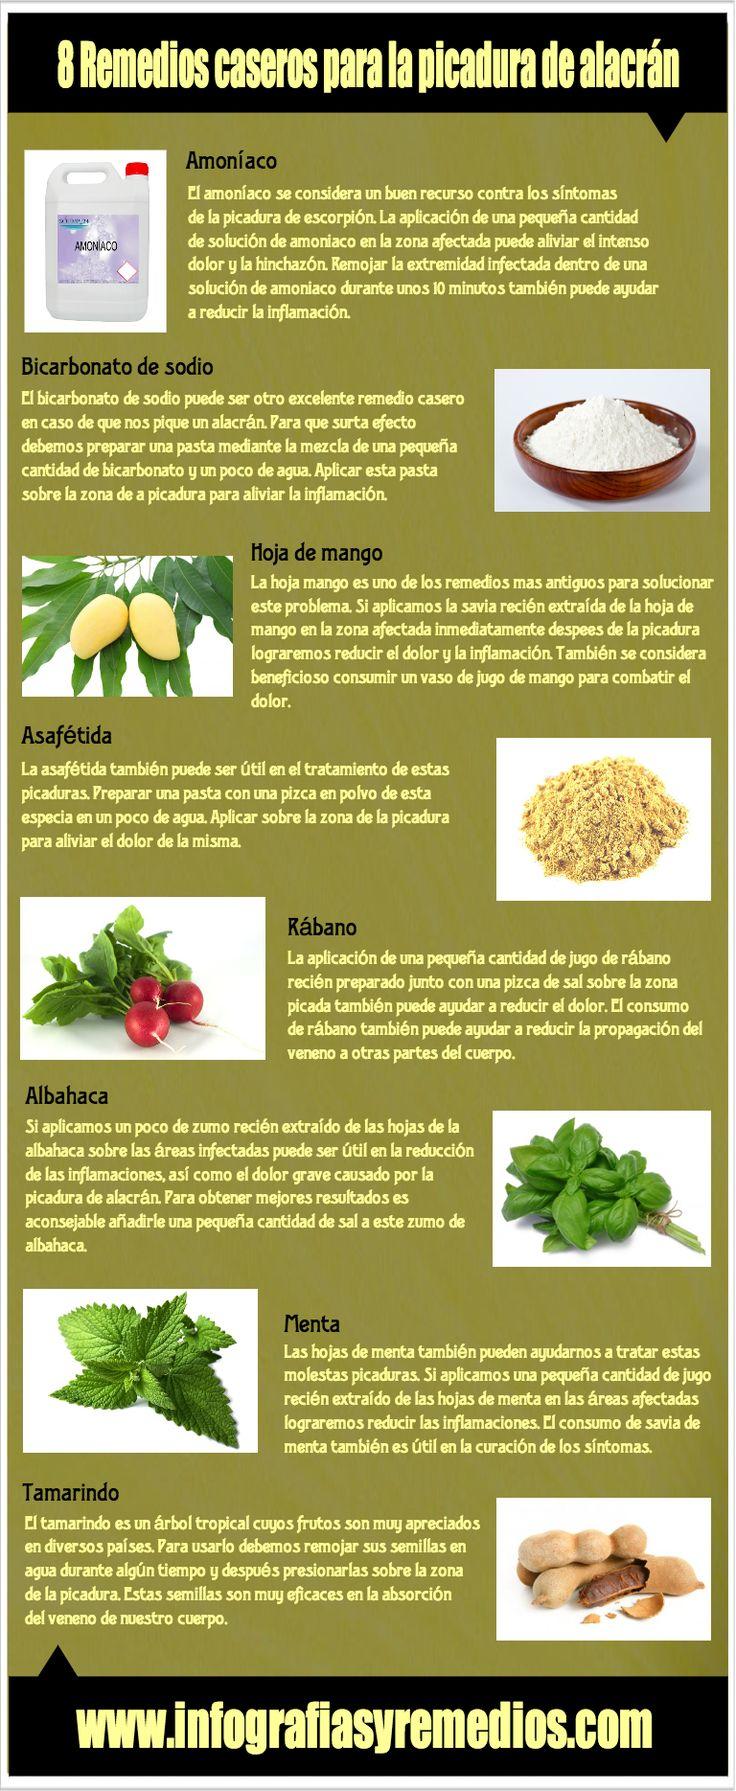 remedios para la picadura de alacrán